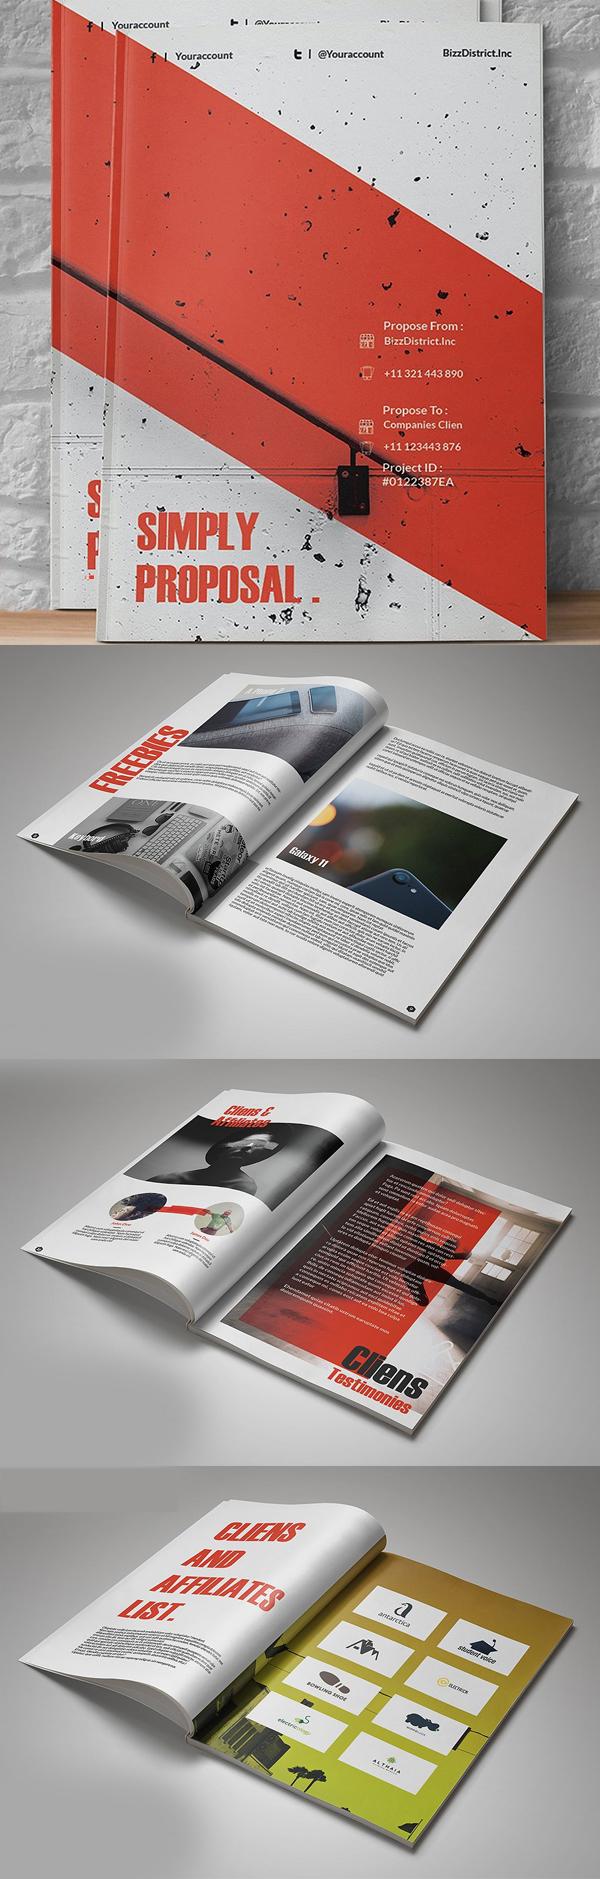 Diseño de mockups de propuesta de negocio profesional - 12